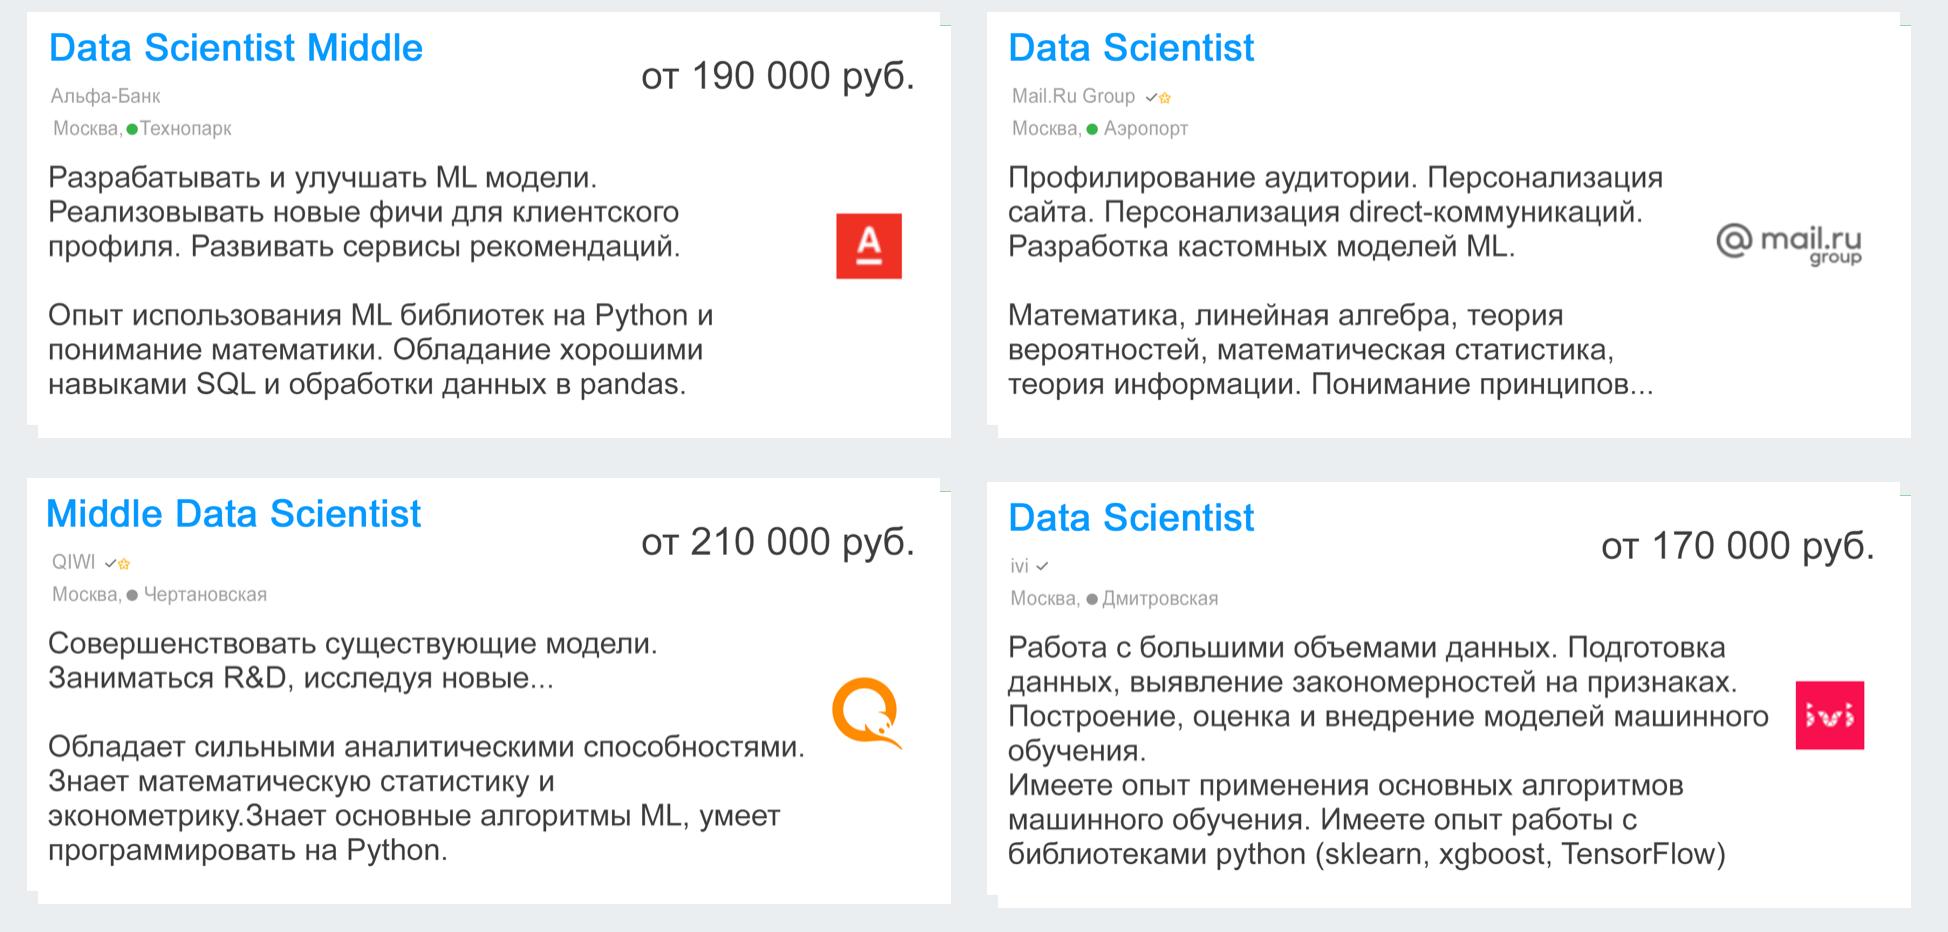 Что должен уметь специалист по Data Science?